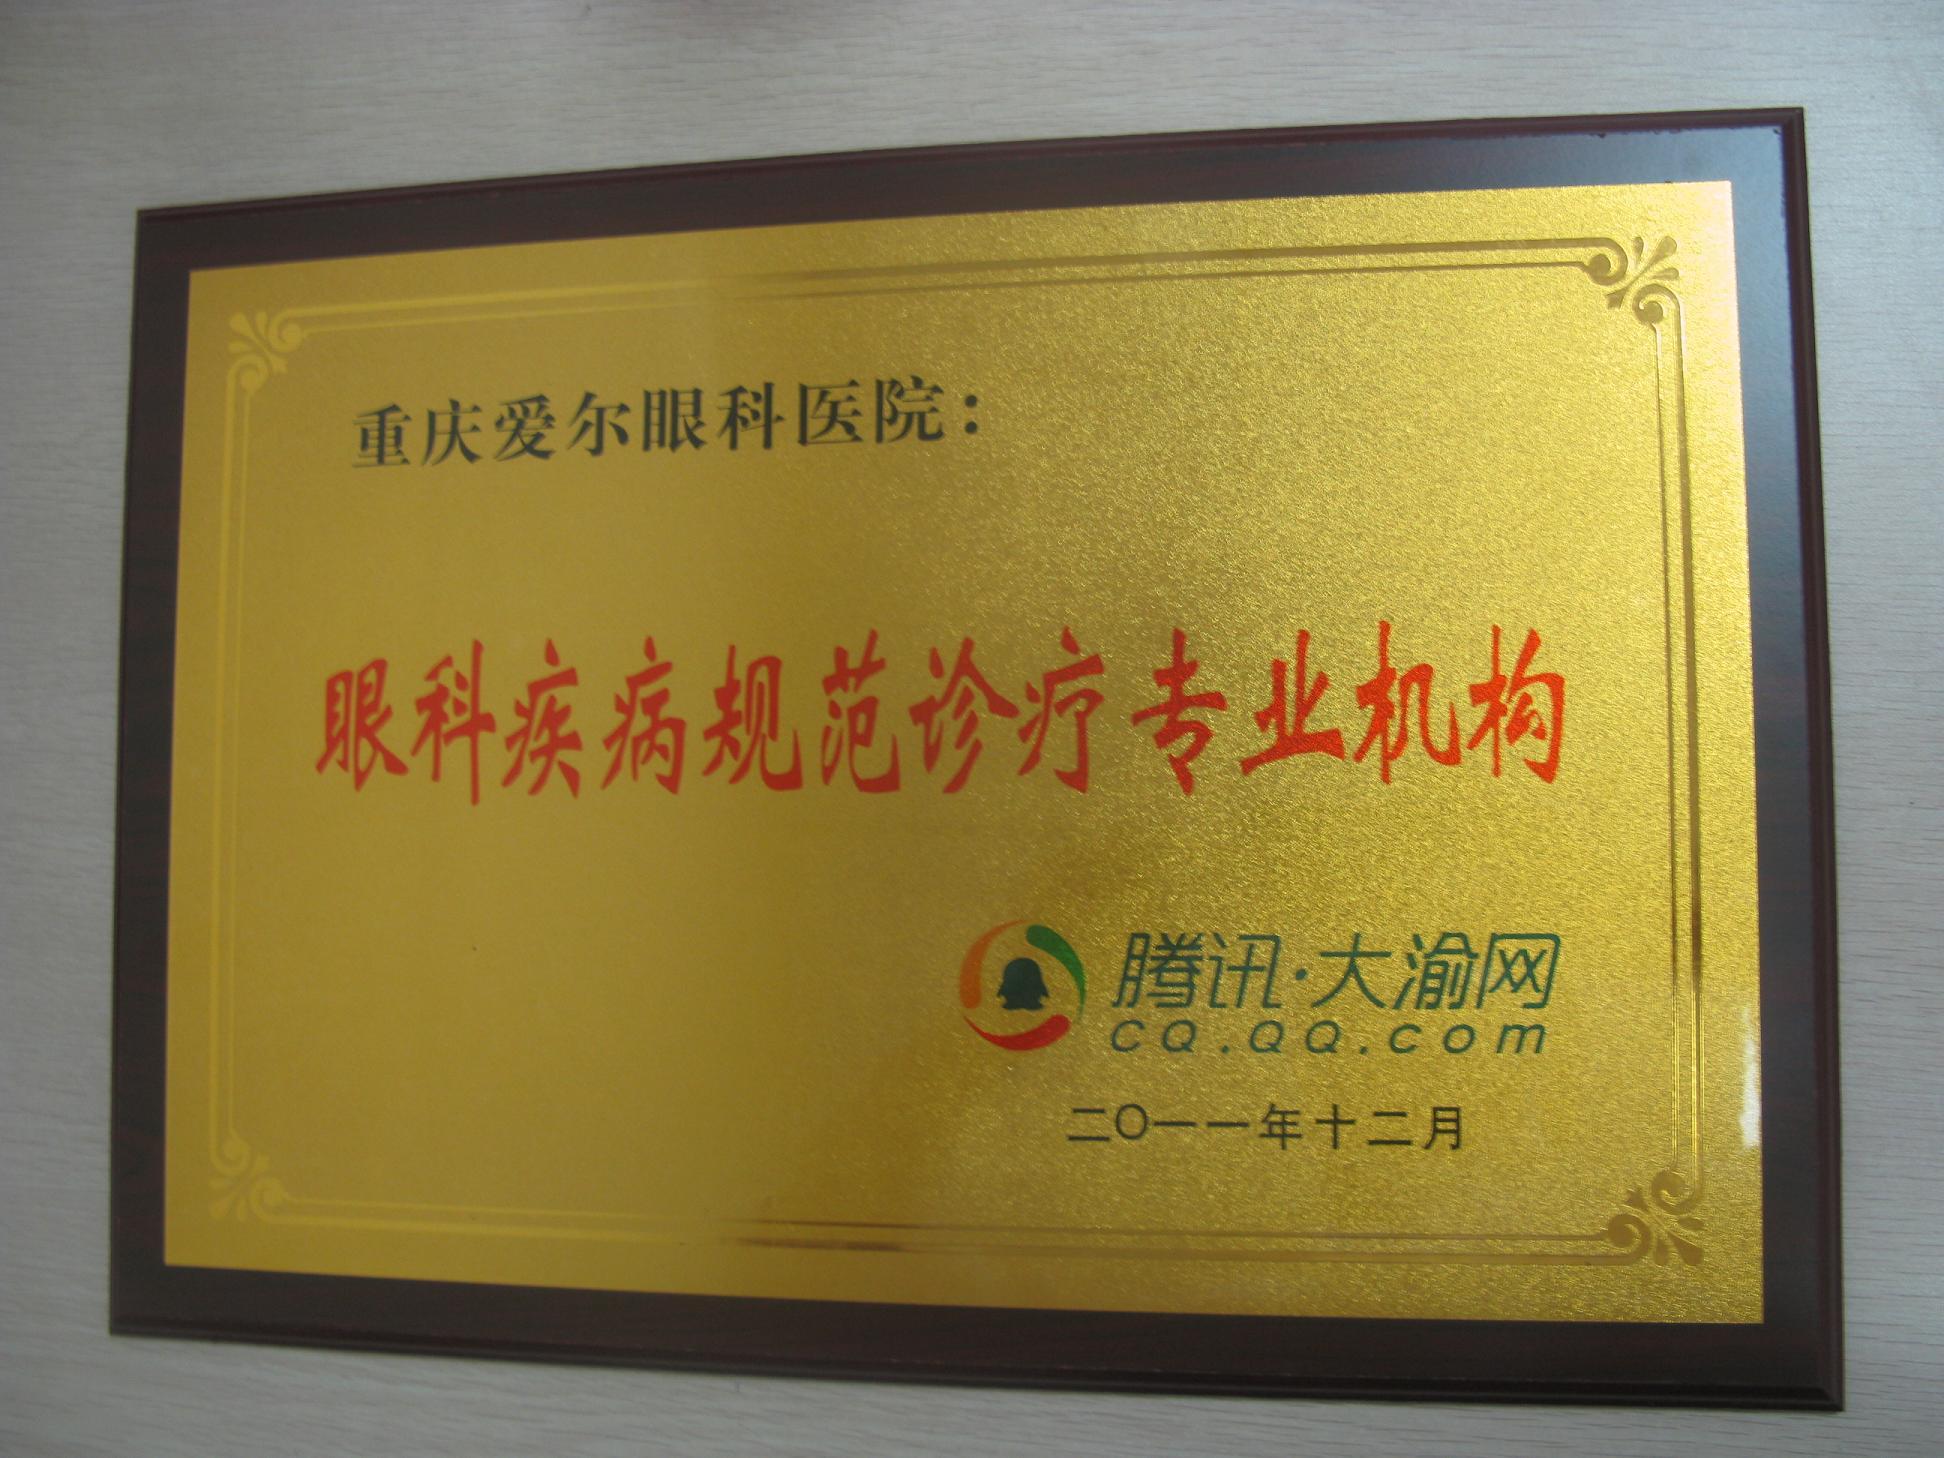 眼科疾病规范诊疗专业机构-重庆爱尔眼科医院